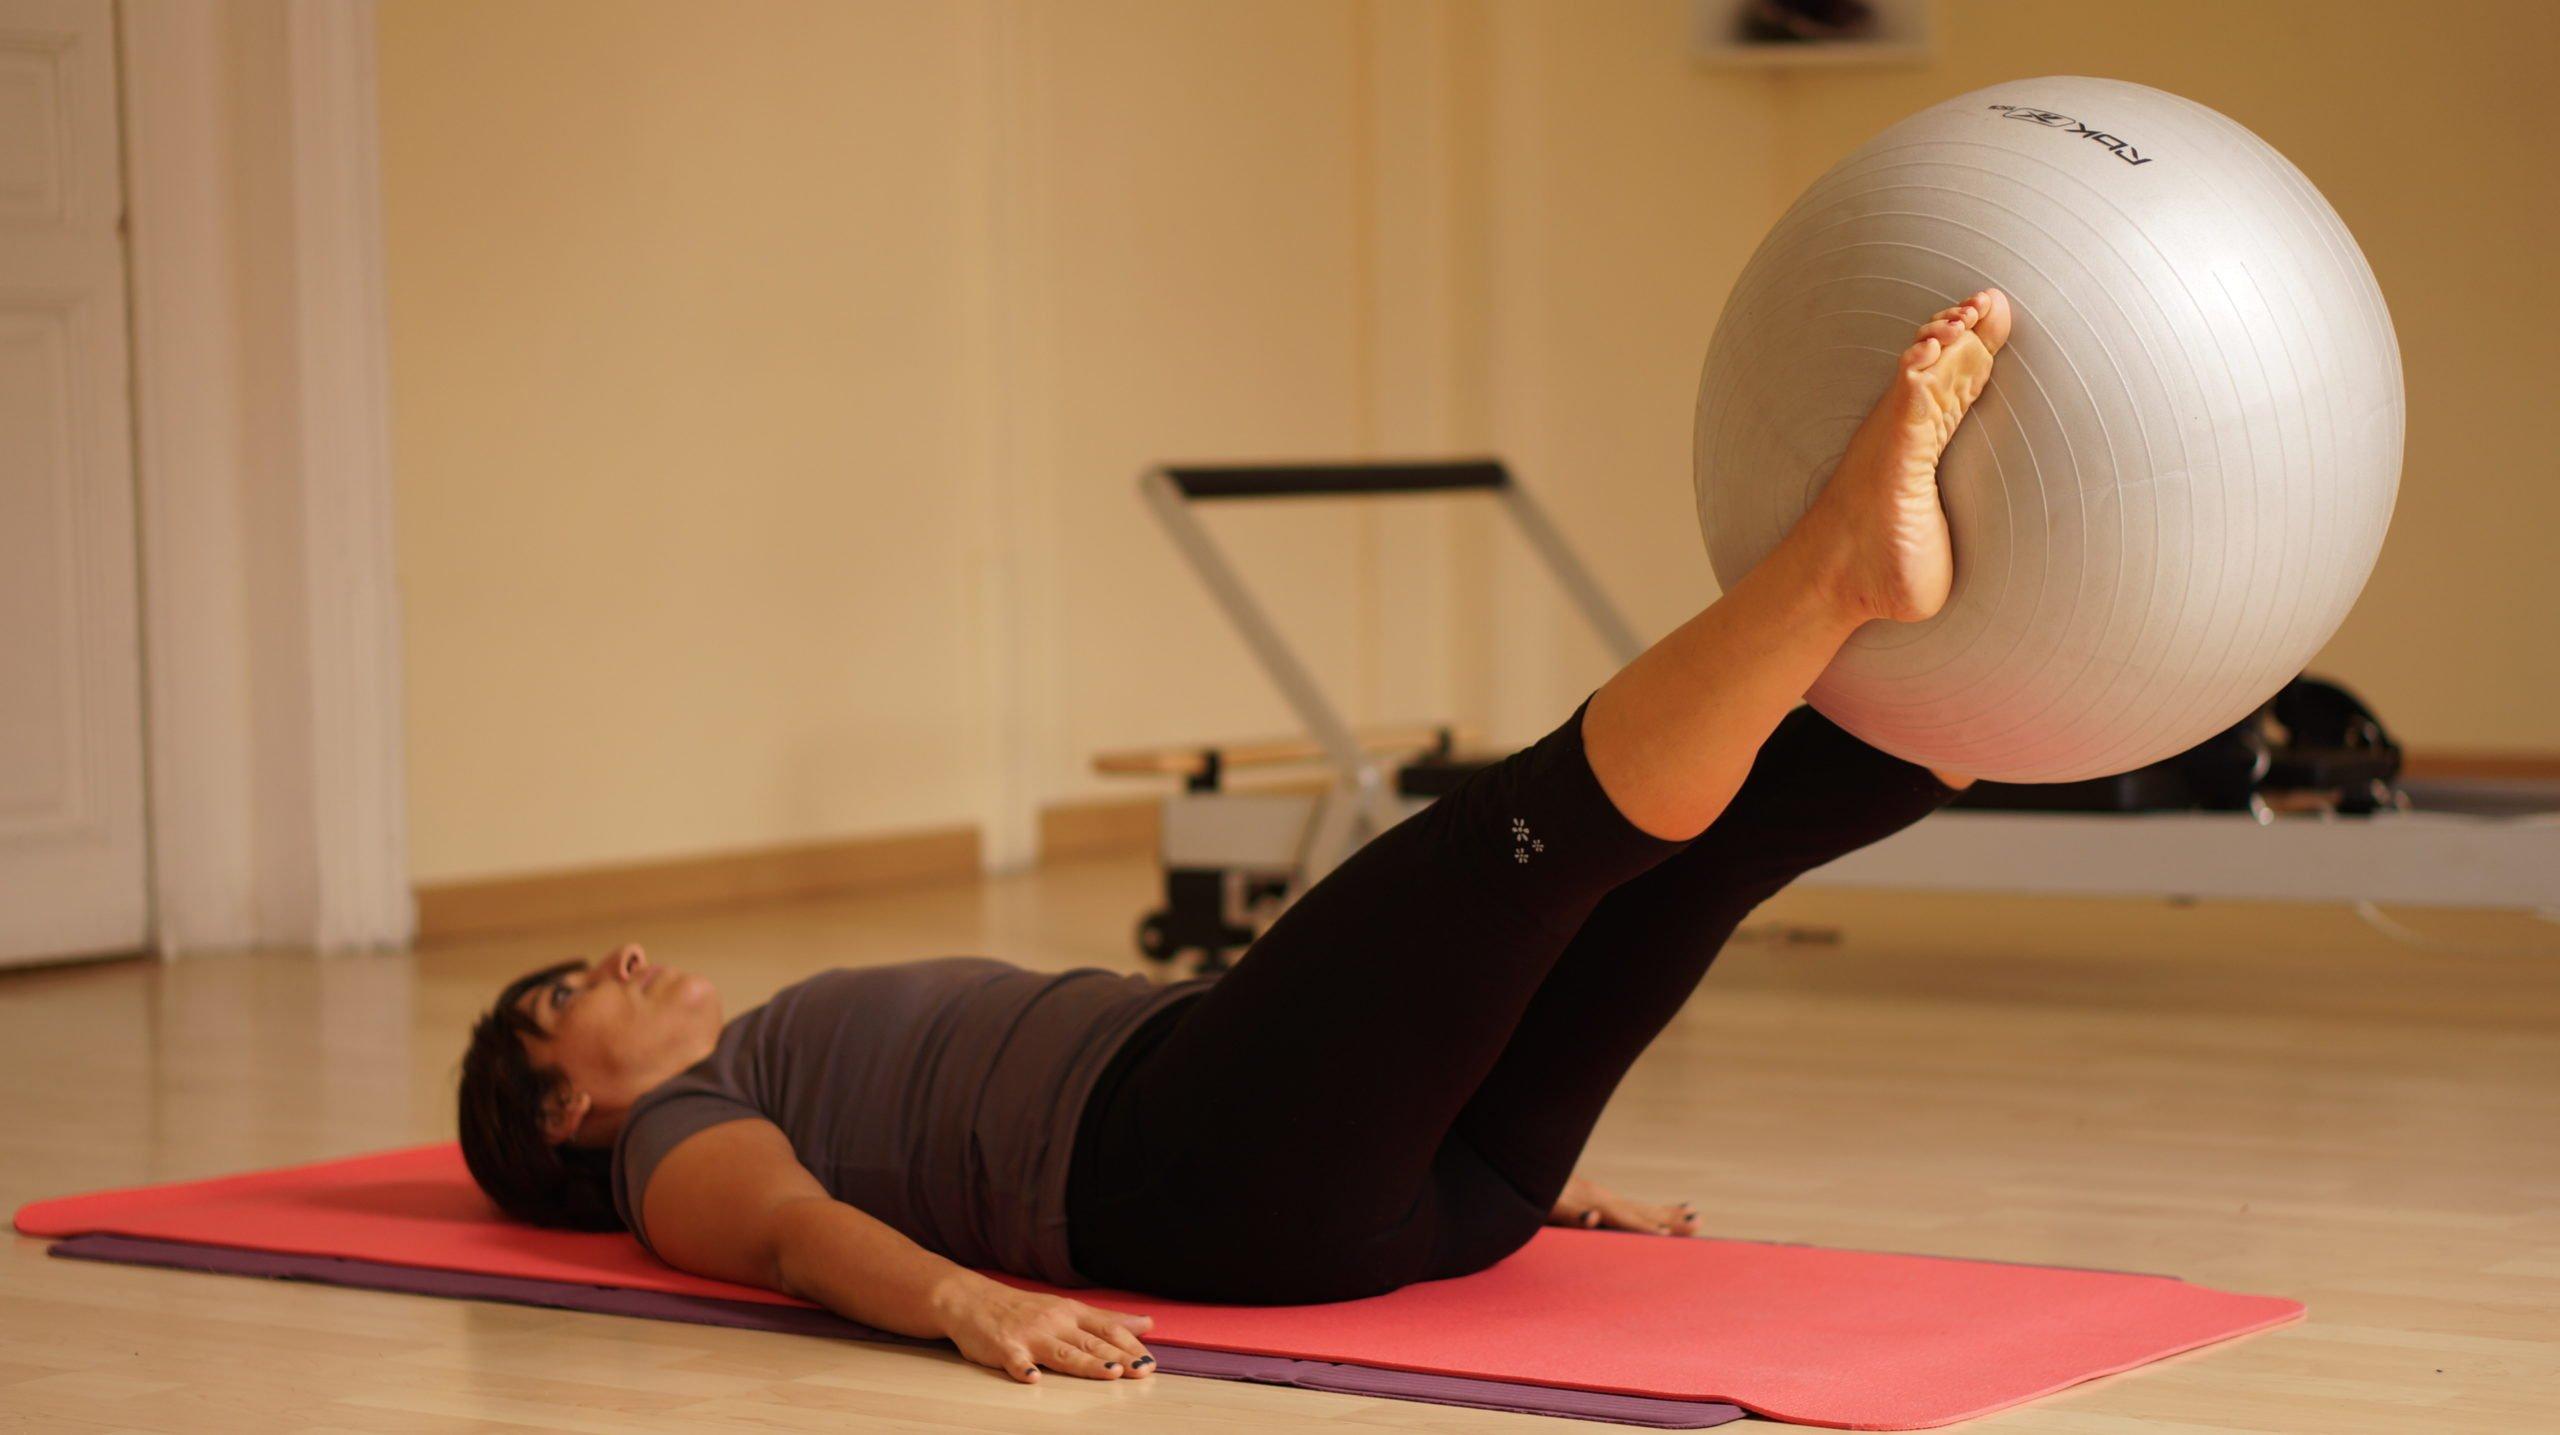 pilates with ball barcelona